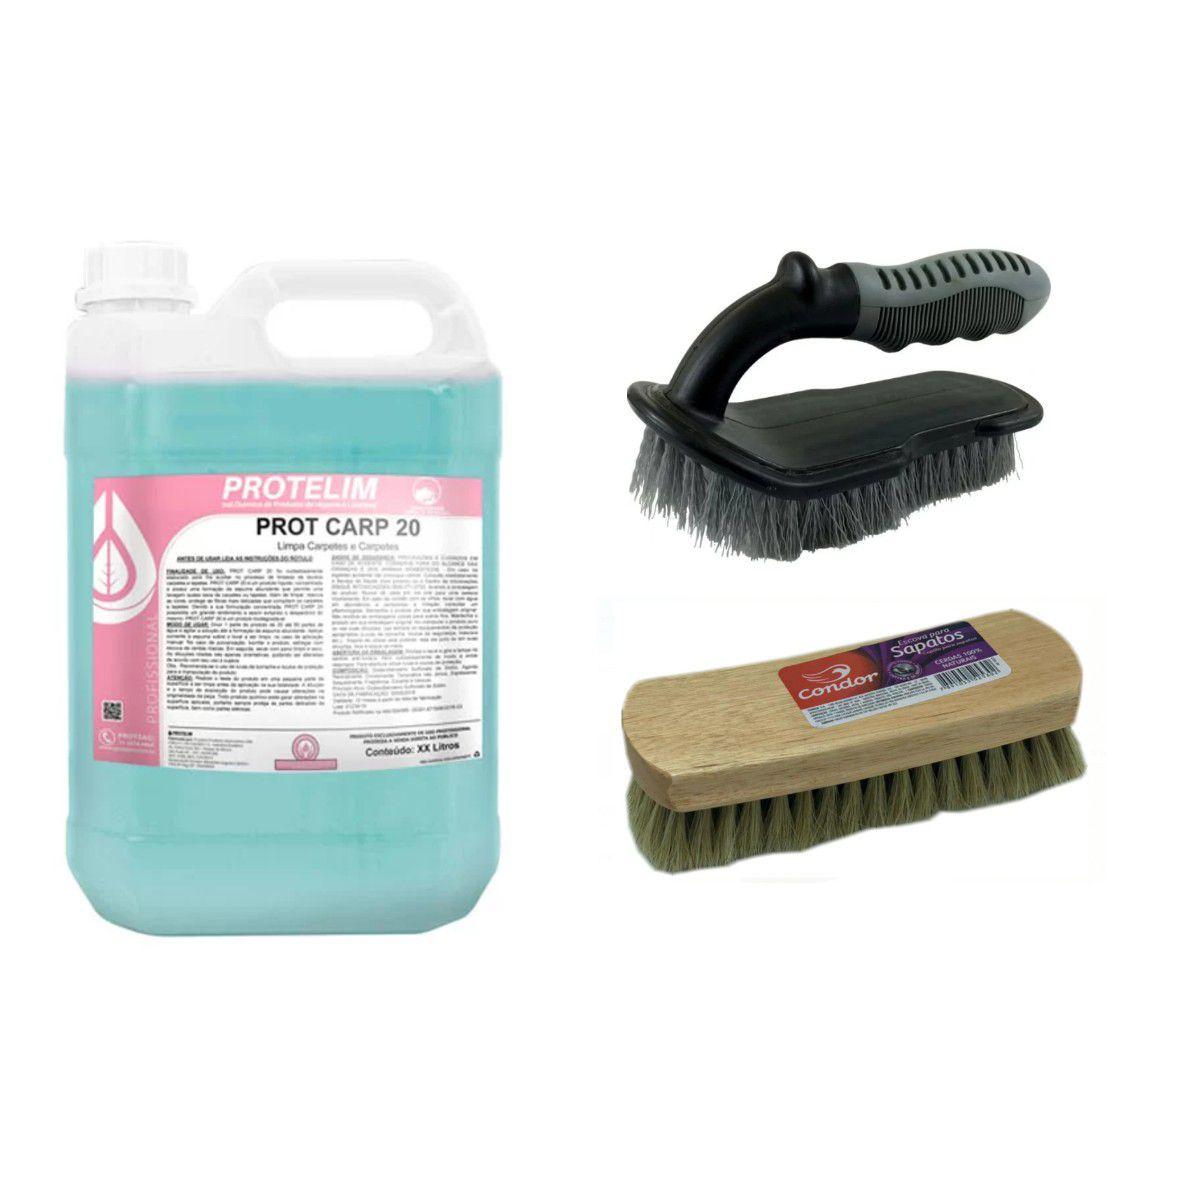 Limpa Carpete + Escova Cerdas Duras + Escova Cerdas Macias